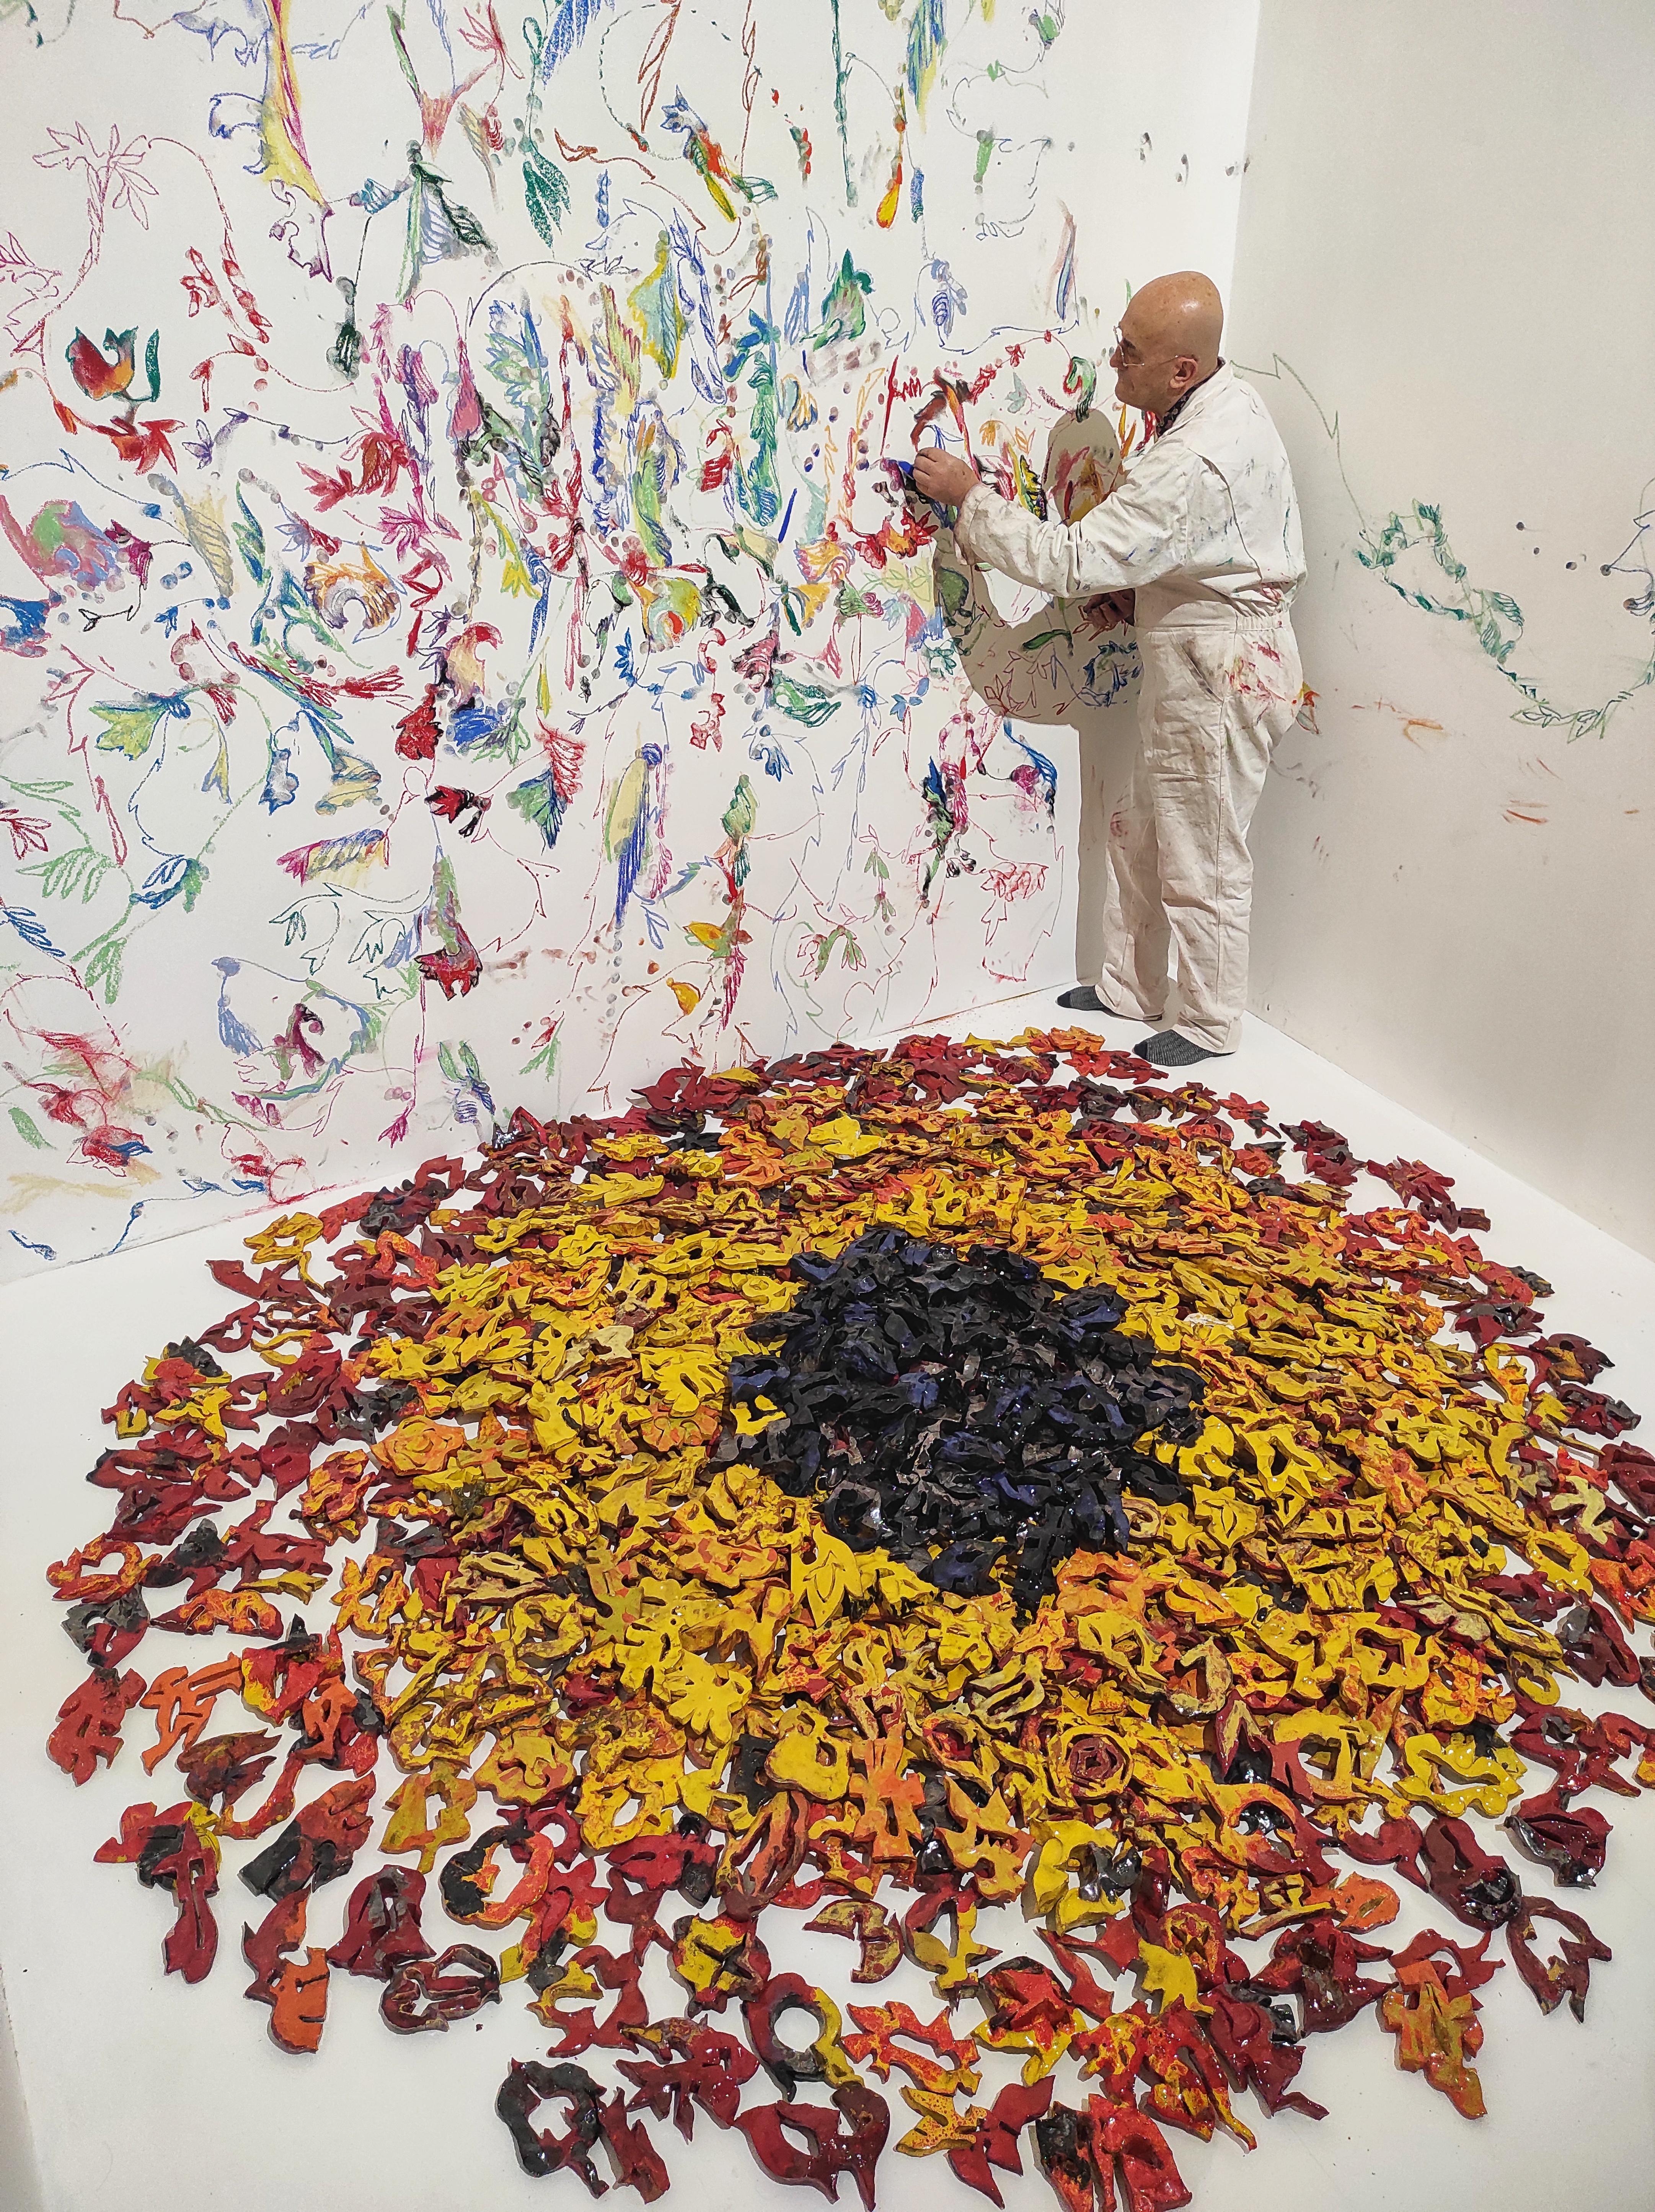 Peinture, dessin, sculpture... Jean-Pierre Formica est un artiste complet. Son exposition sur les deux étages de la Chapelle du Méjan promet d'être grandiose !